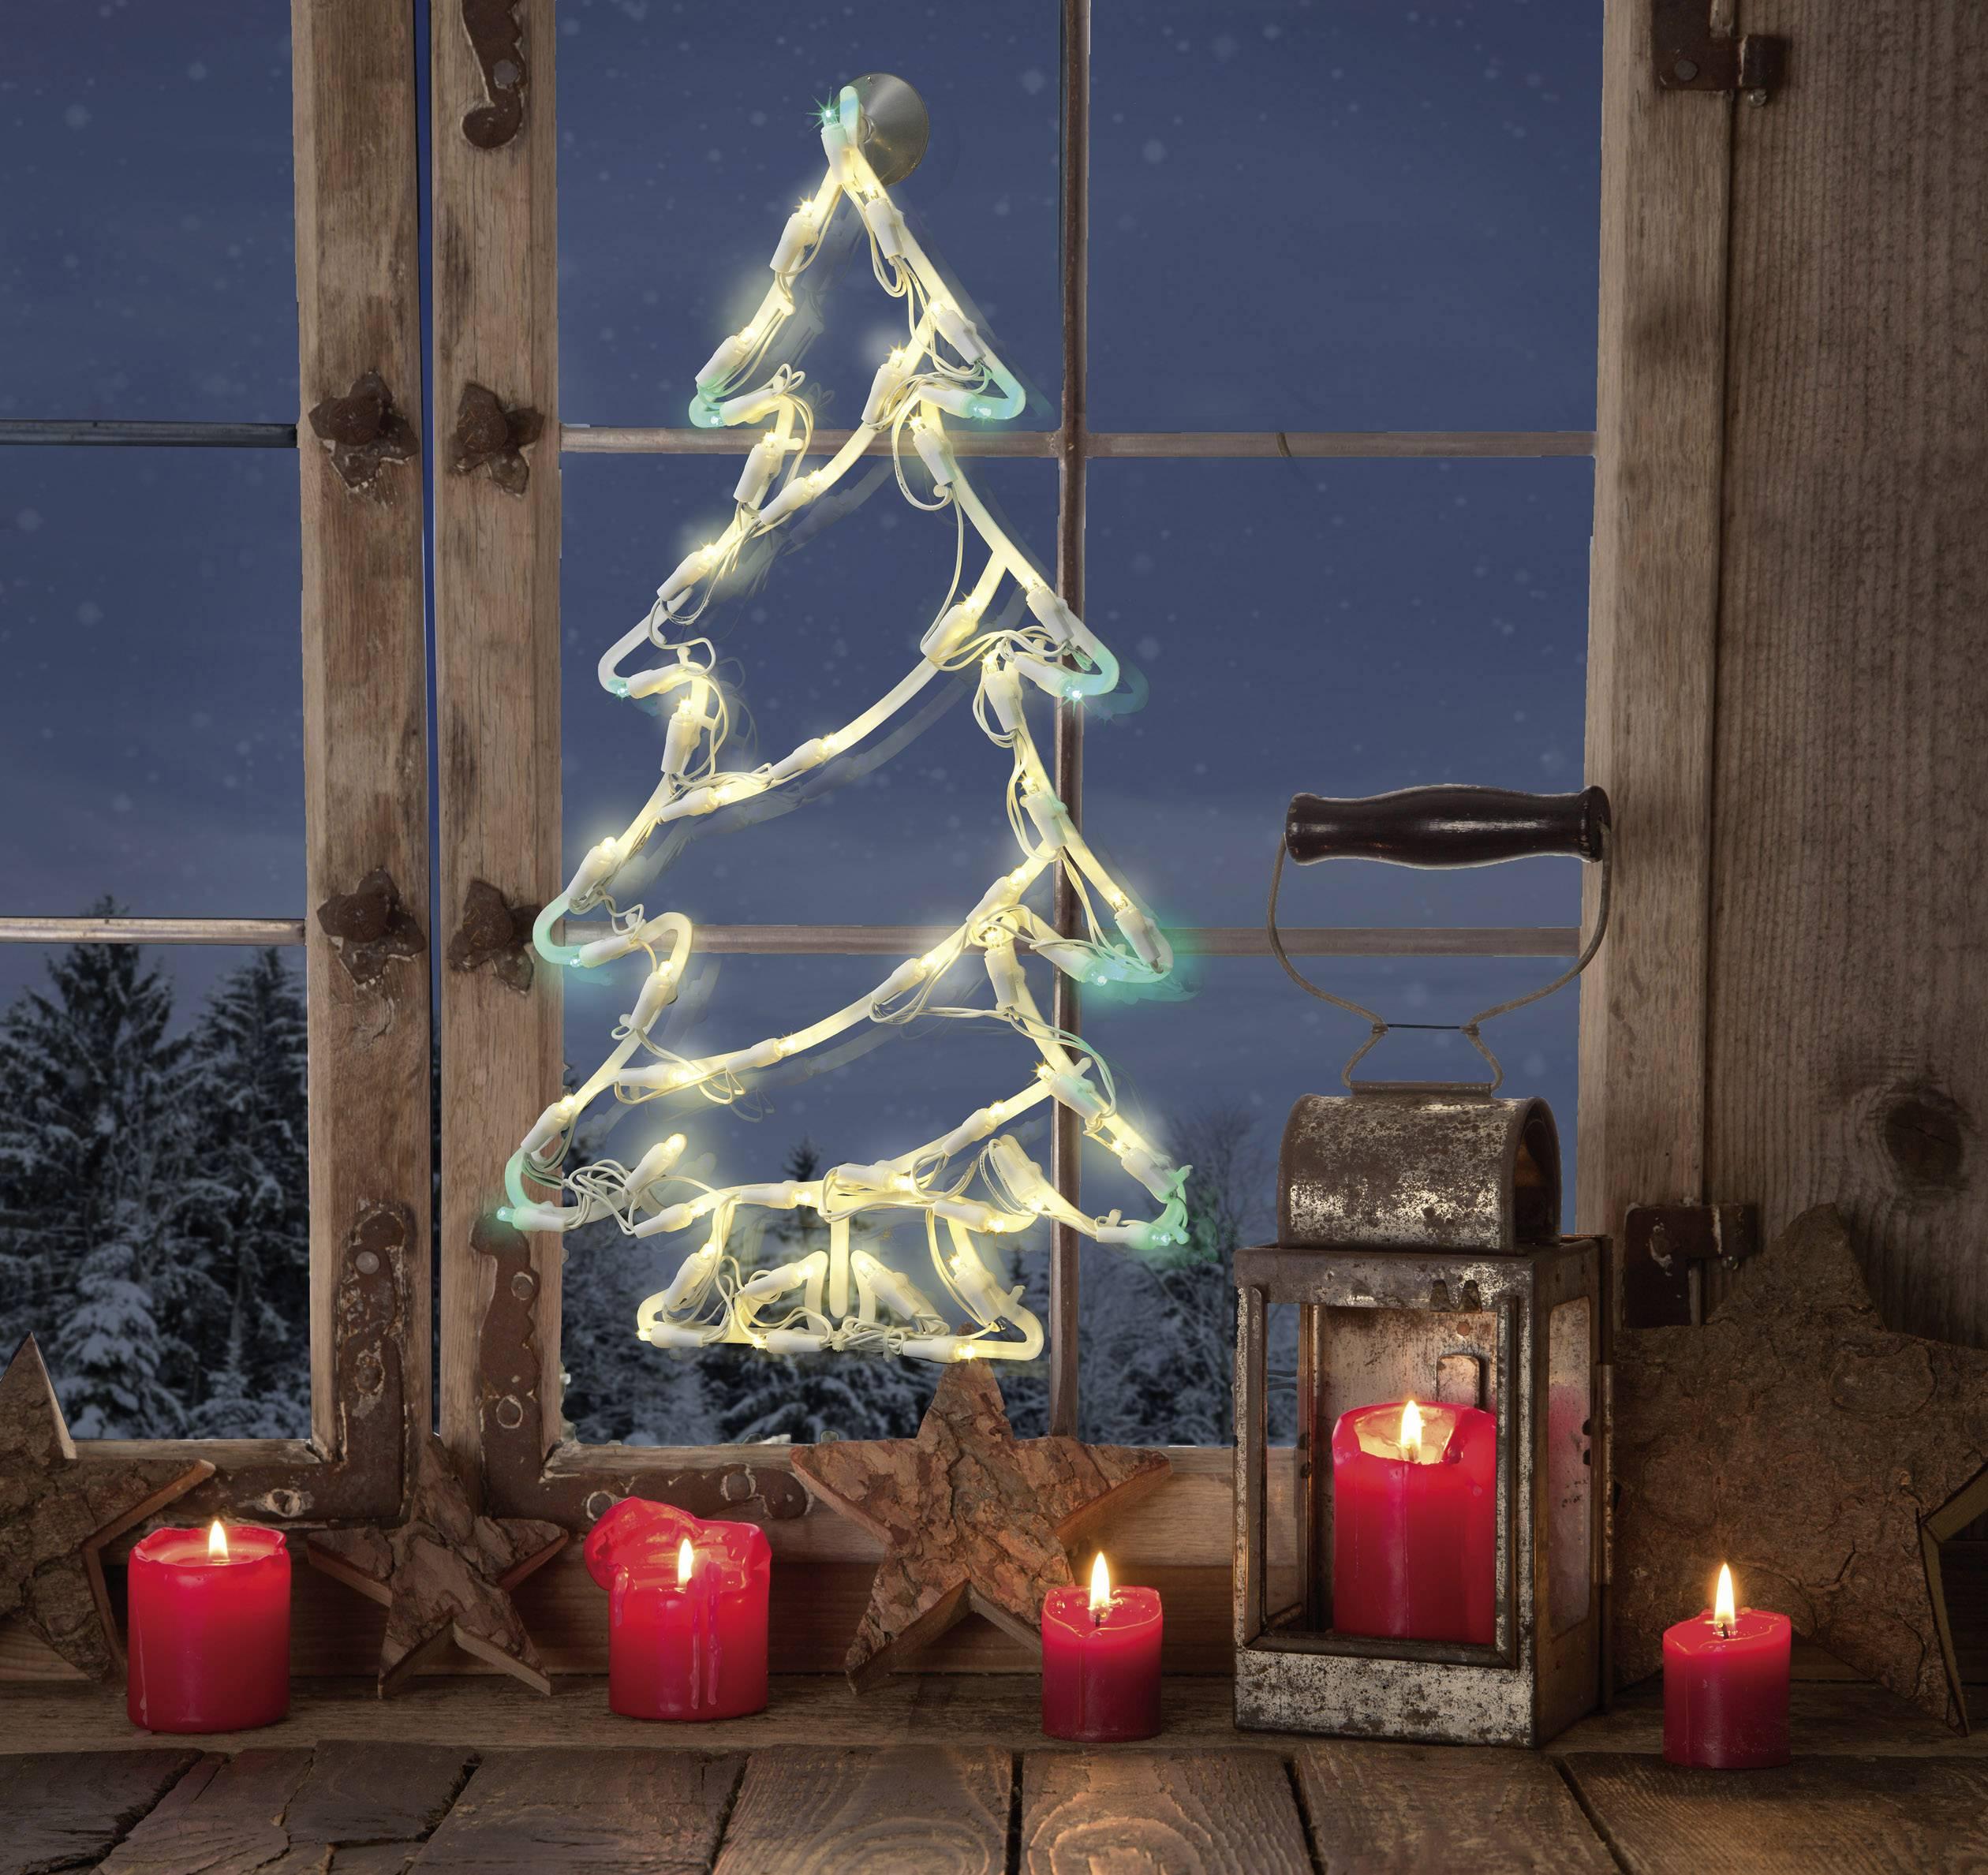 LED osvetlenie do okna Polarlite LDE-02-006, do siete, veľký stromček